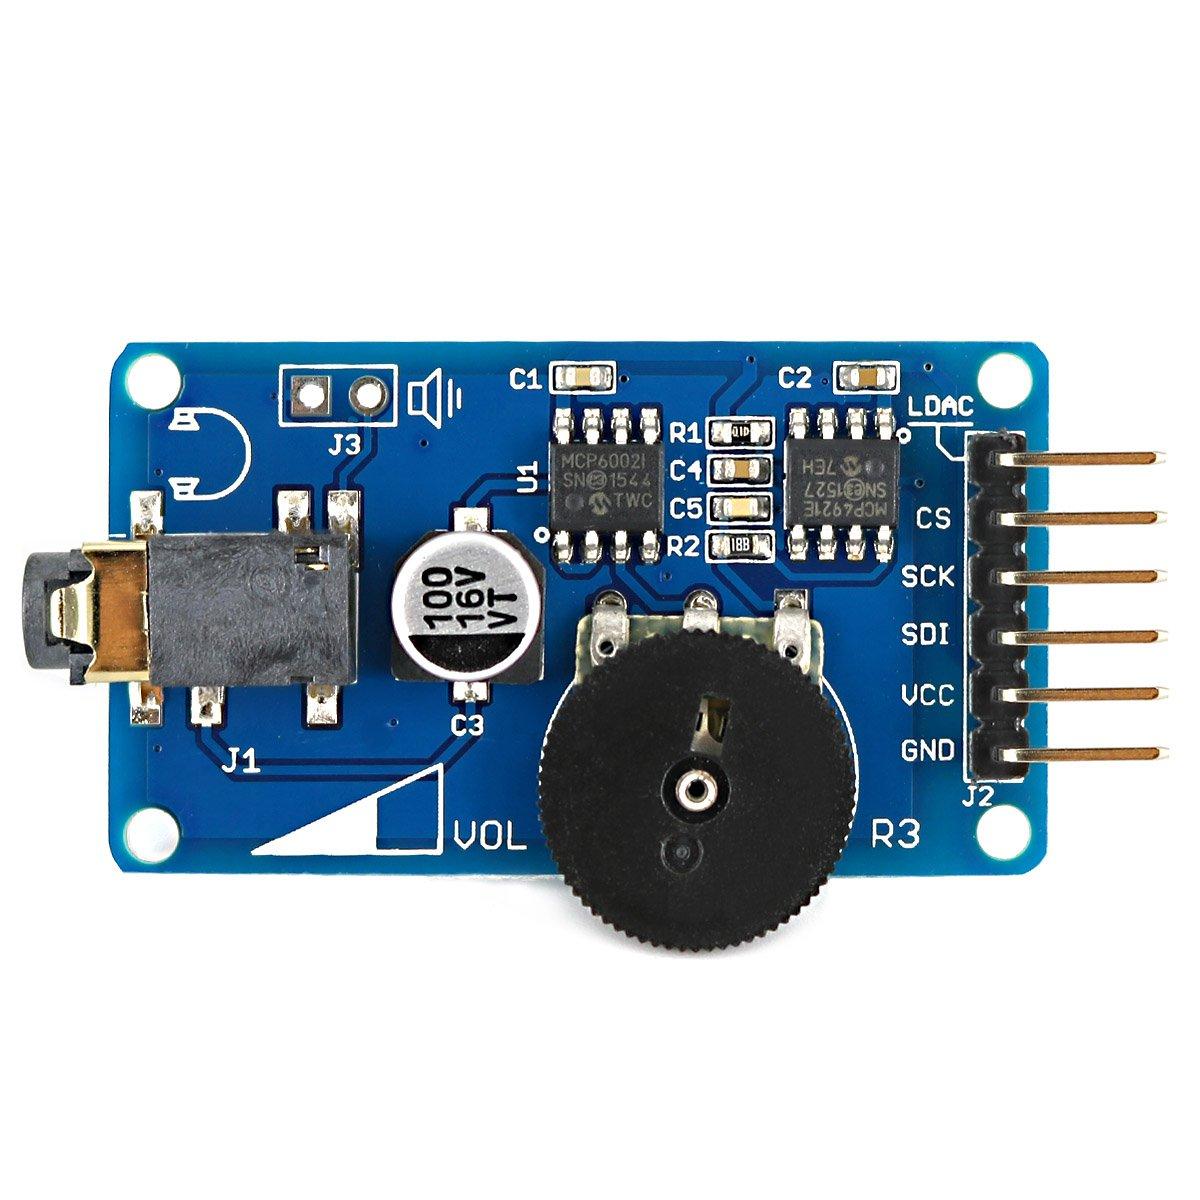 WAV reproductor de música voz módulo emisor mcp4921 Chipset, alta calidad de audio salida DIY proyectos para Arduino - azul: Amazon.es: Instrumentos ...